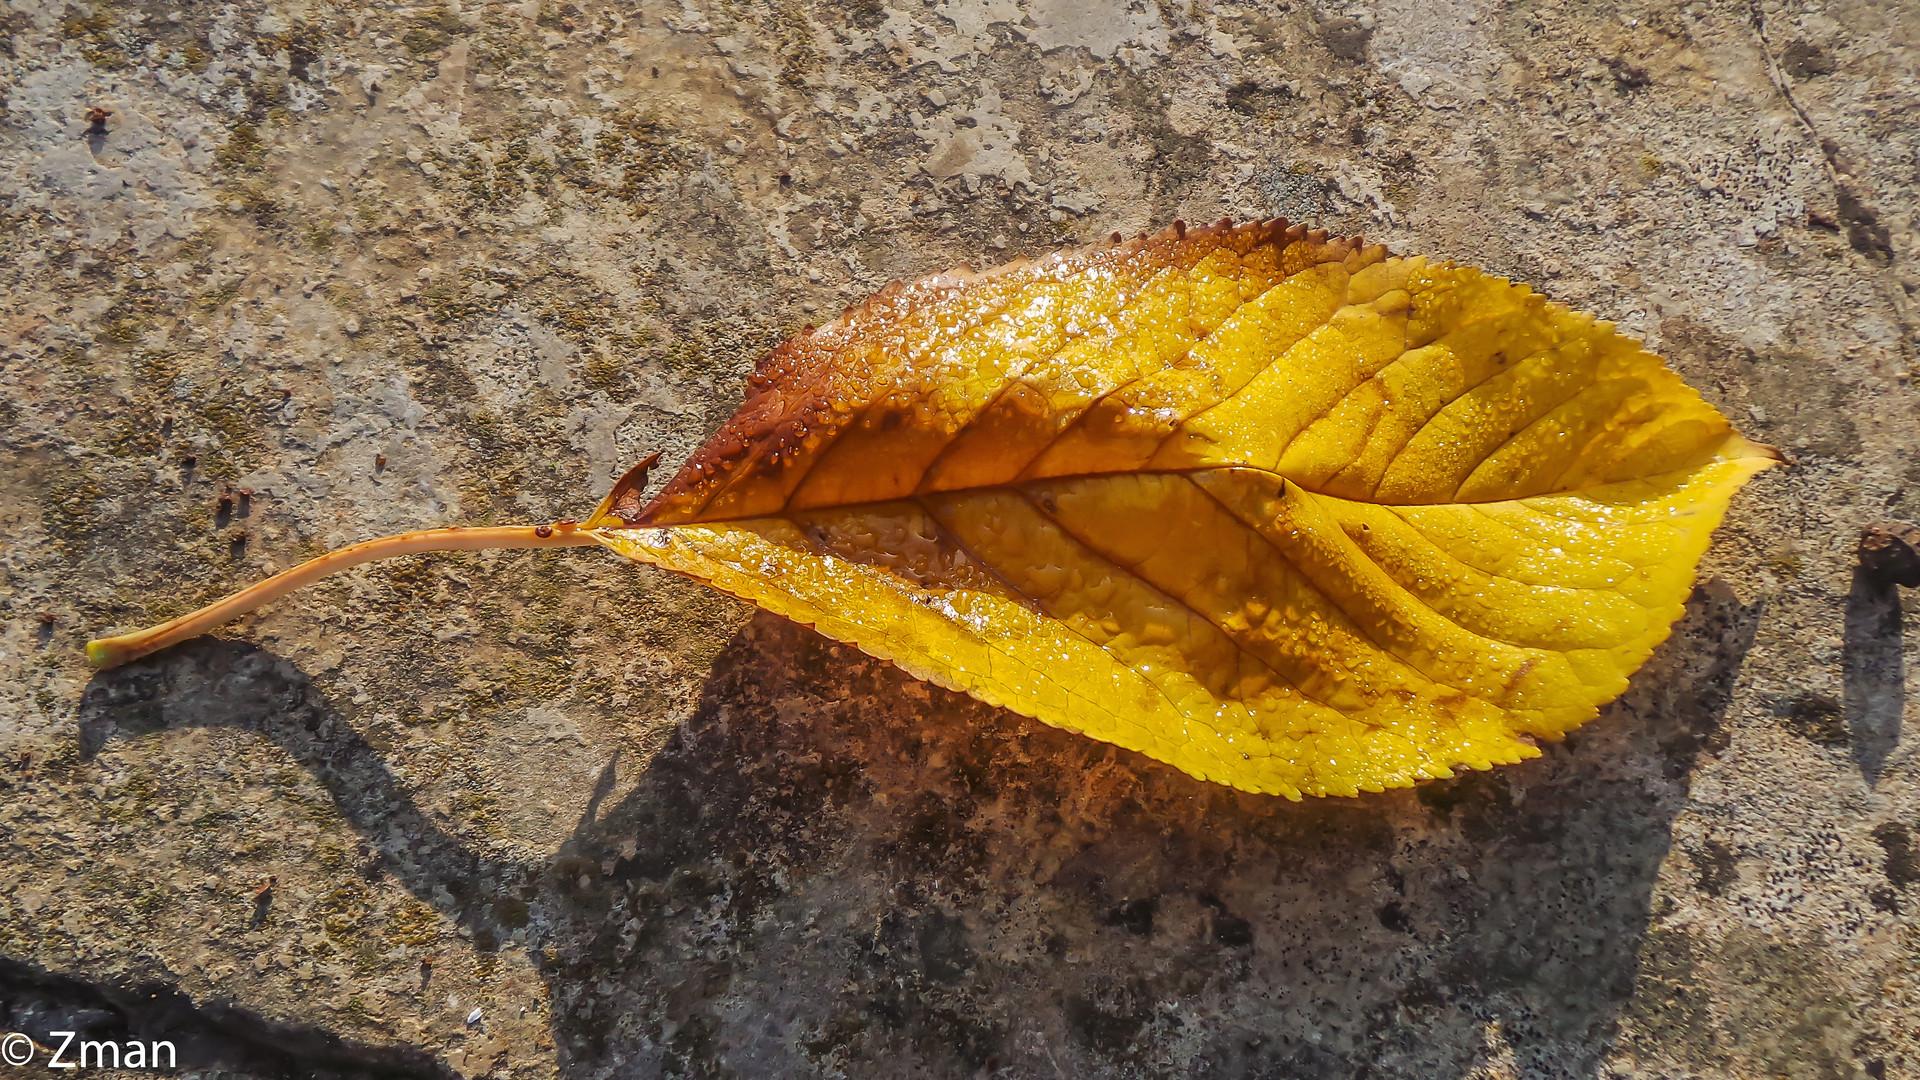 20151108_074514-37 Fallen Leaf